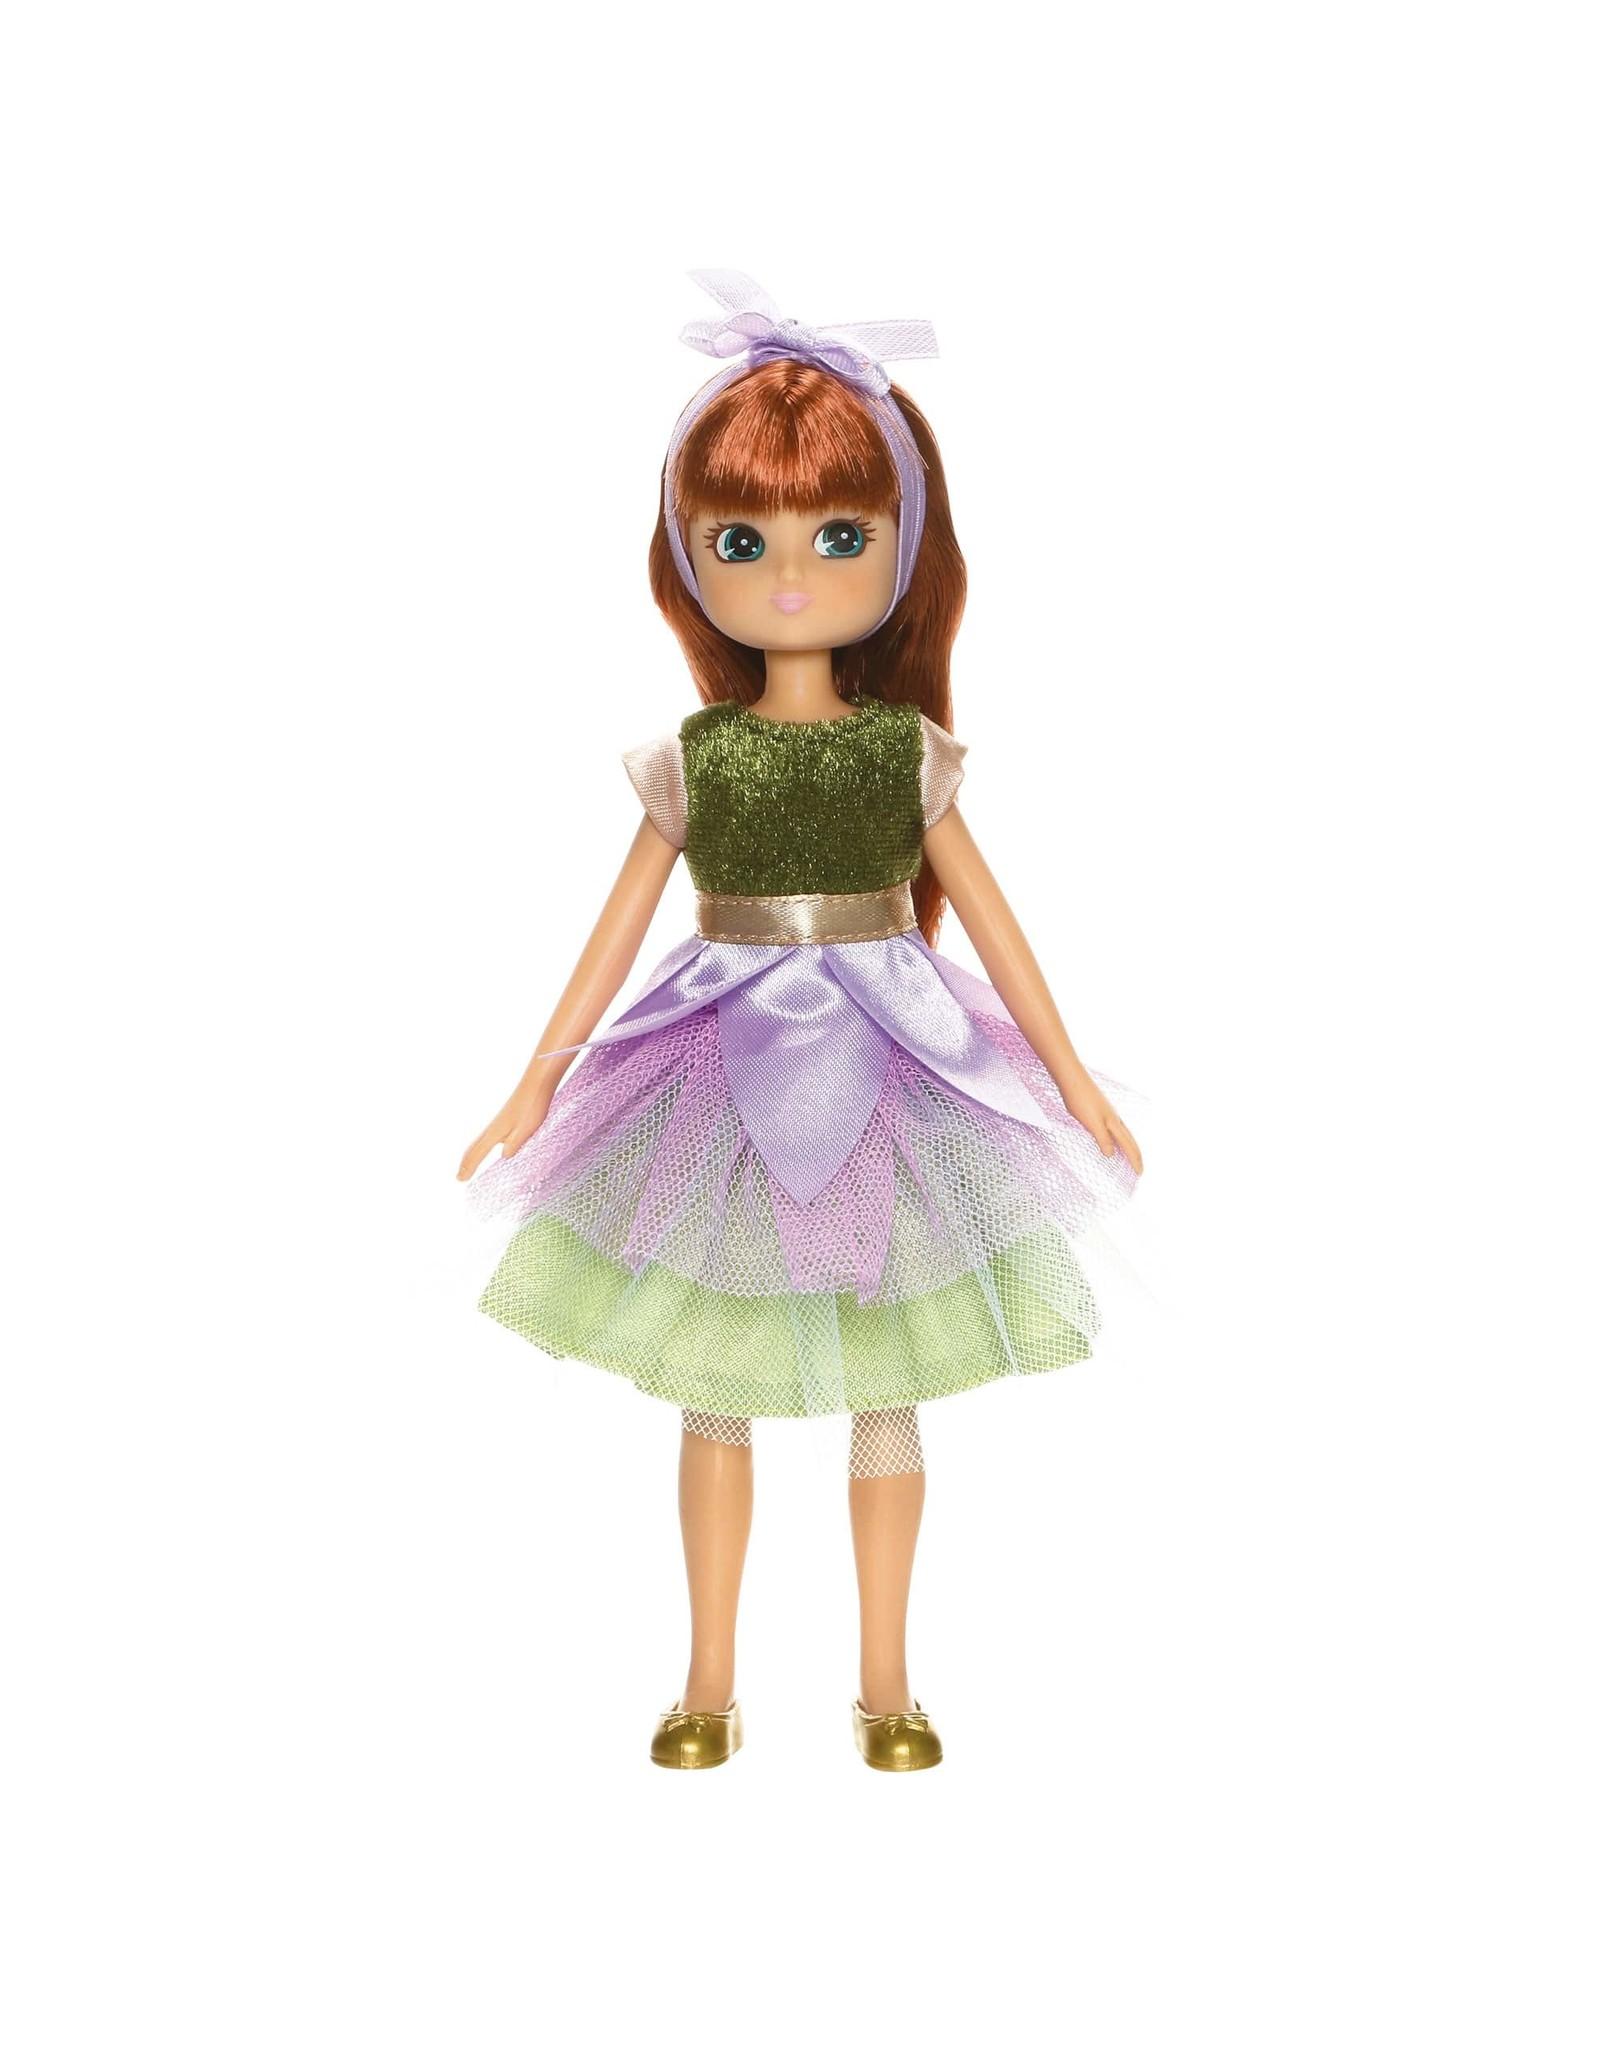 Lottie Dolls Forest Friend – Lottie Dolls